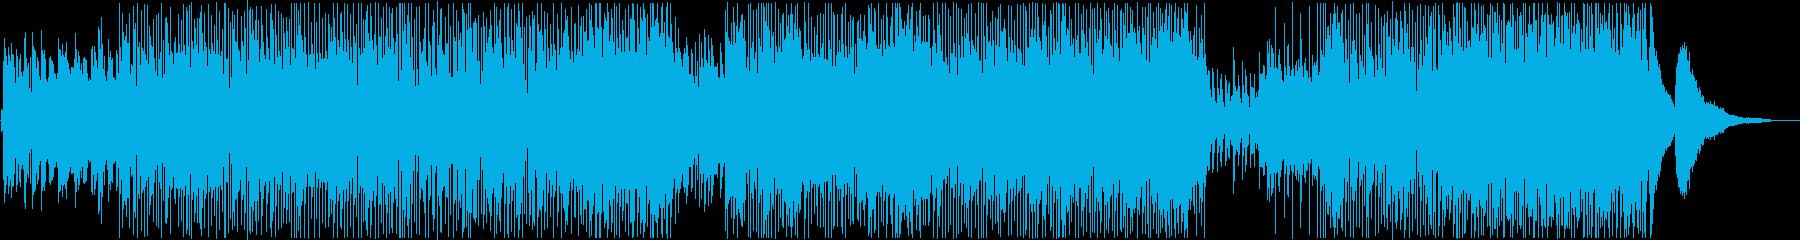 疾走感のあるピアノJazzロックの再生済みの波形